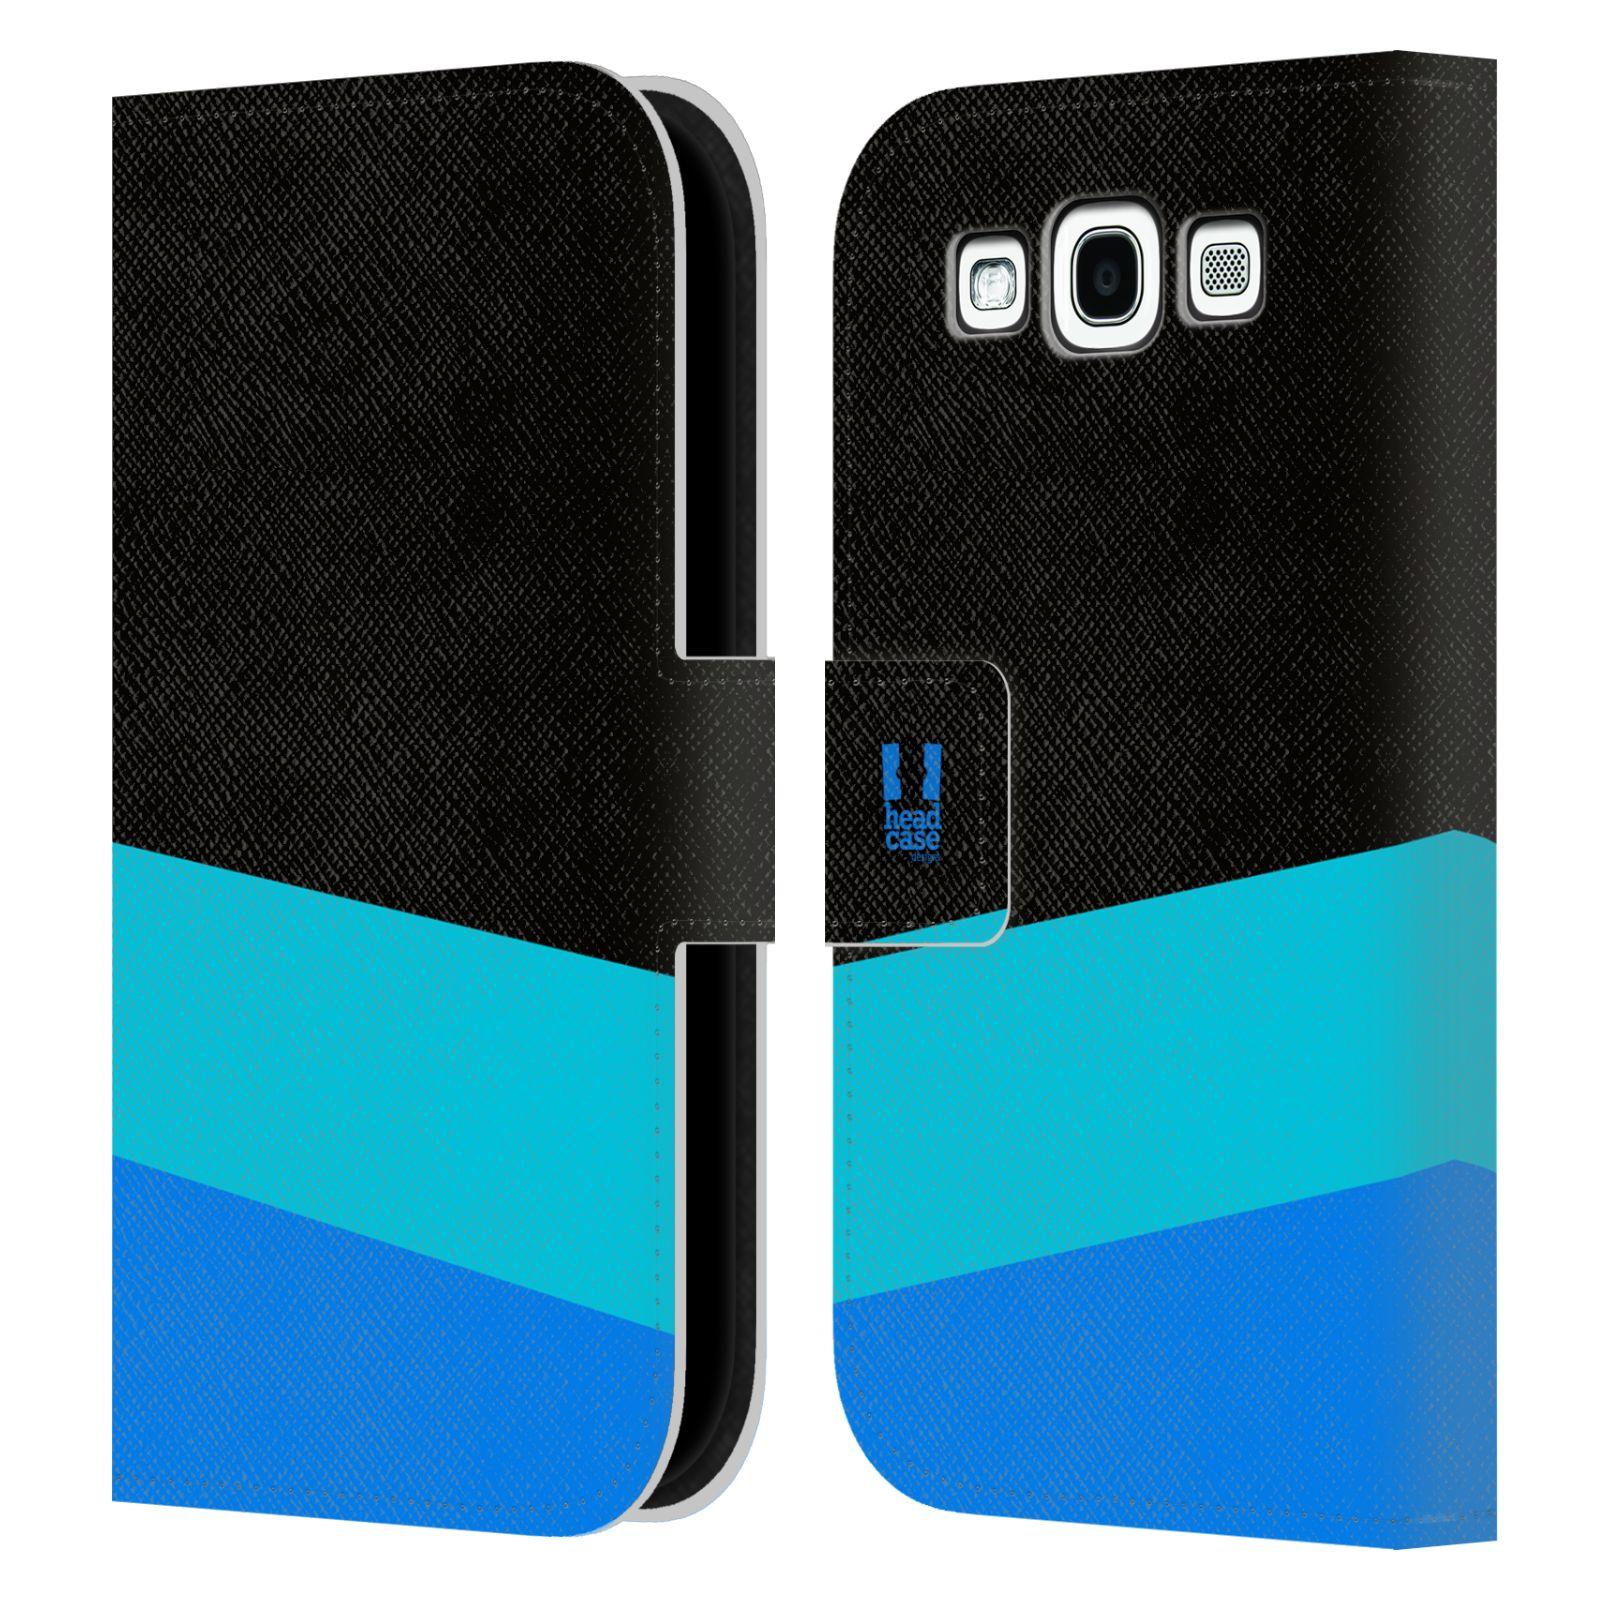 HEAD CASE Flipové pouzdro pro mobil Samsung Galaxy S3 I9300 barevné tvary modrá a černá FORMAL